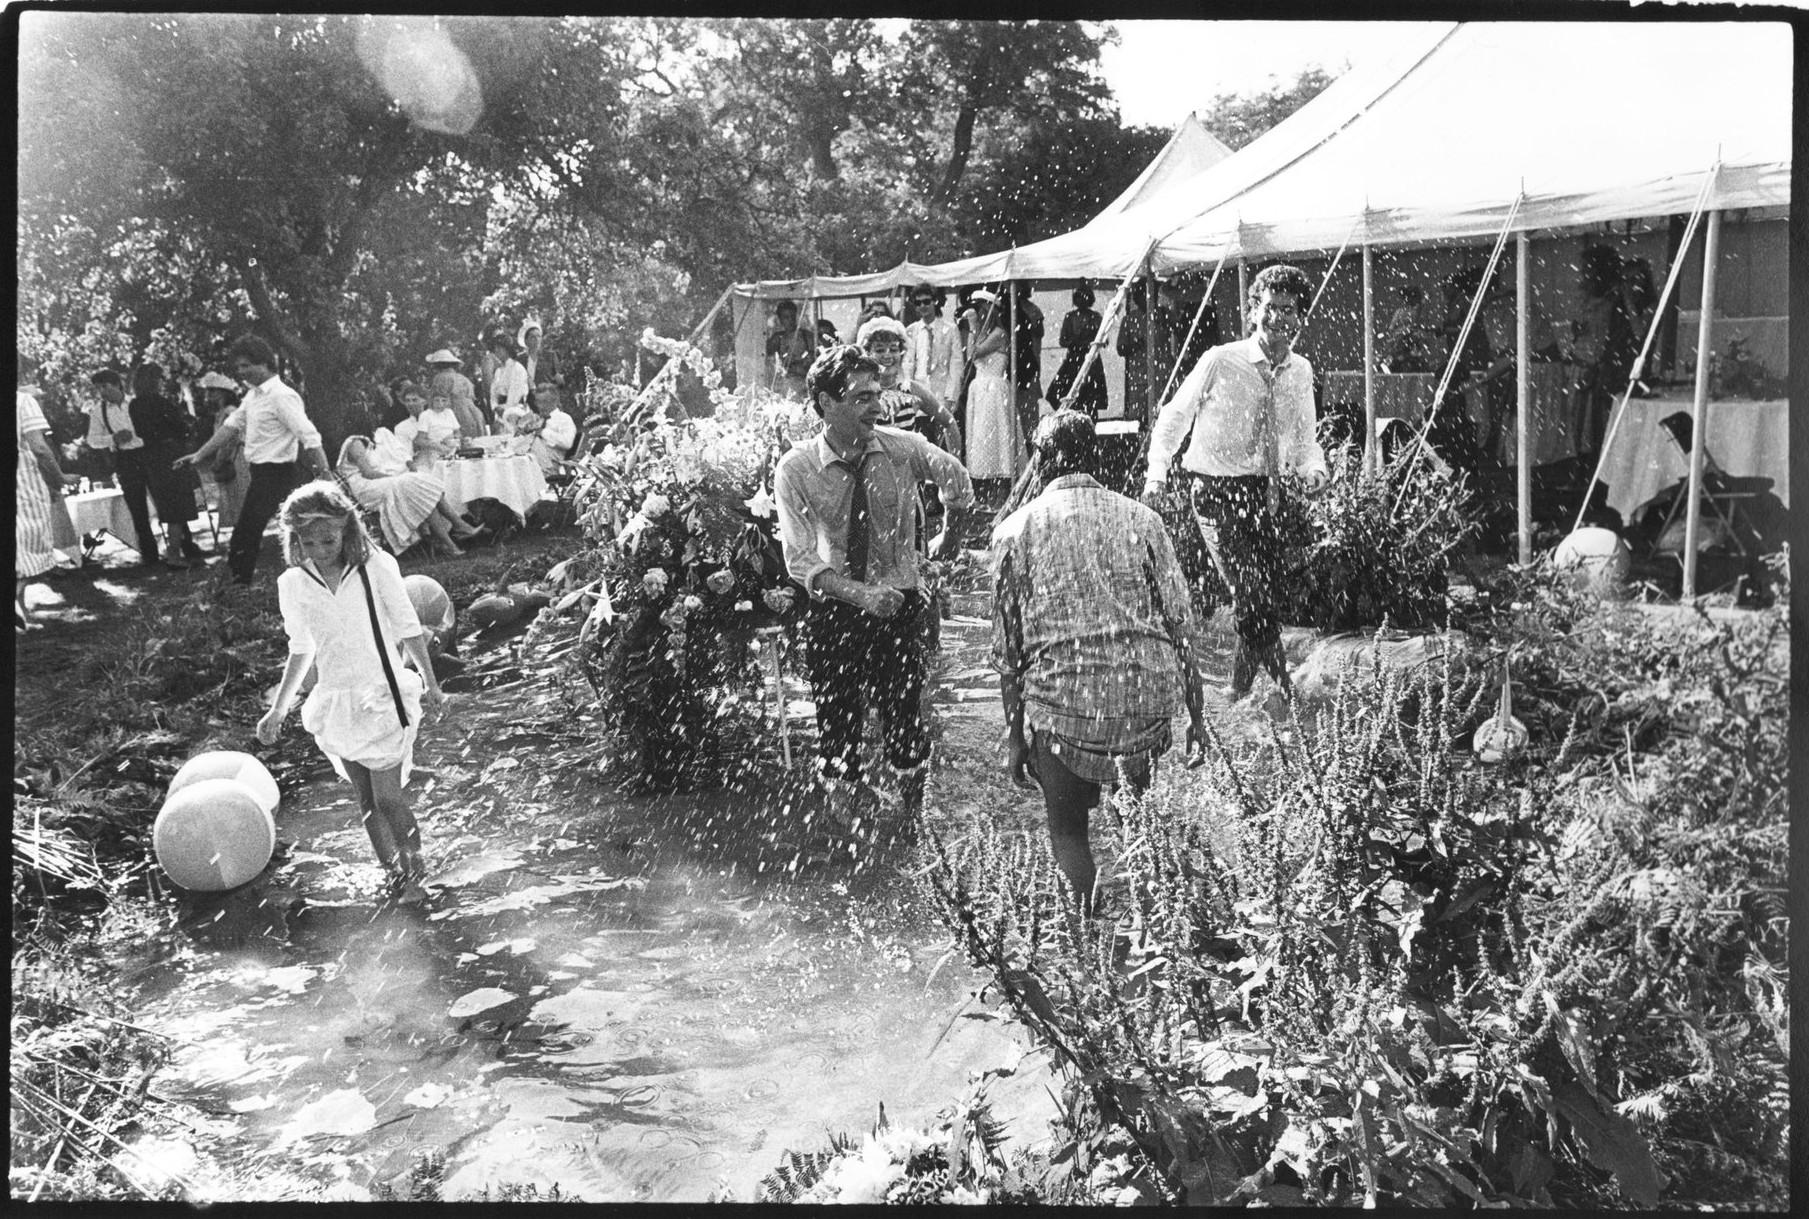 Танцы в пруду на свадьбе Ари Кэмпбелл-Макнаир-Уилсон и Ника Эшли, Хэмпшир, 1984 год. Вот что происхо